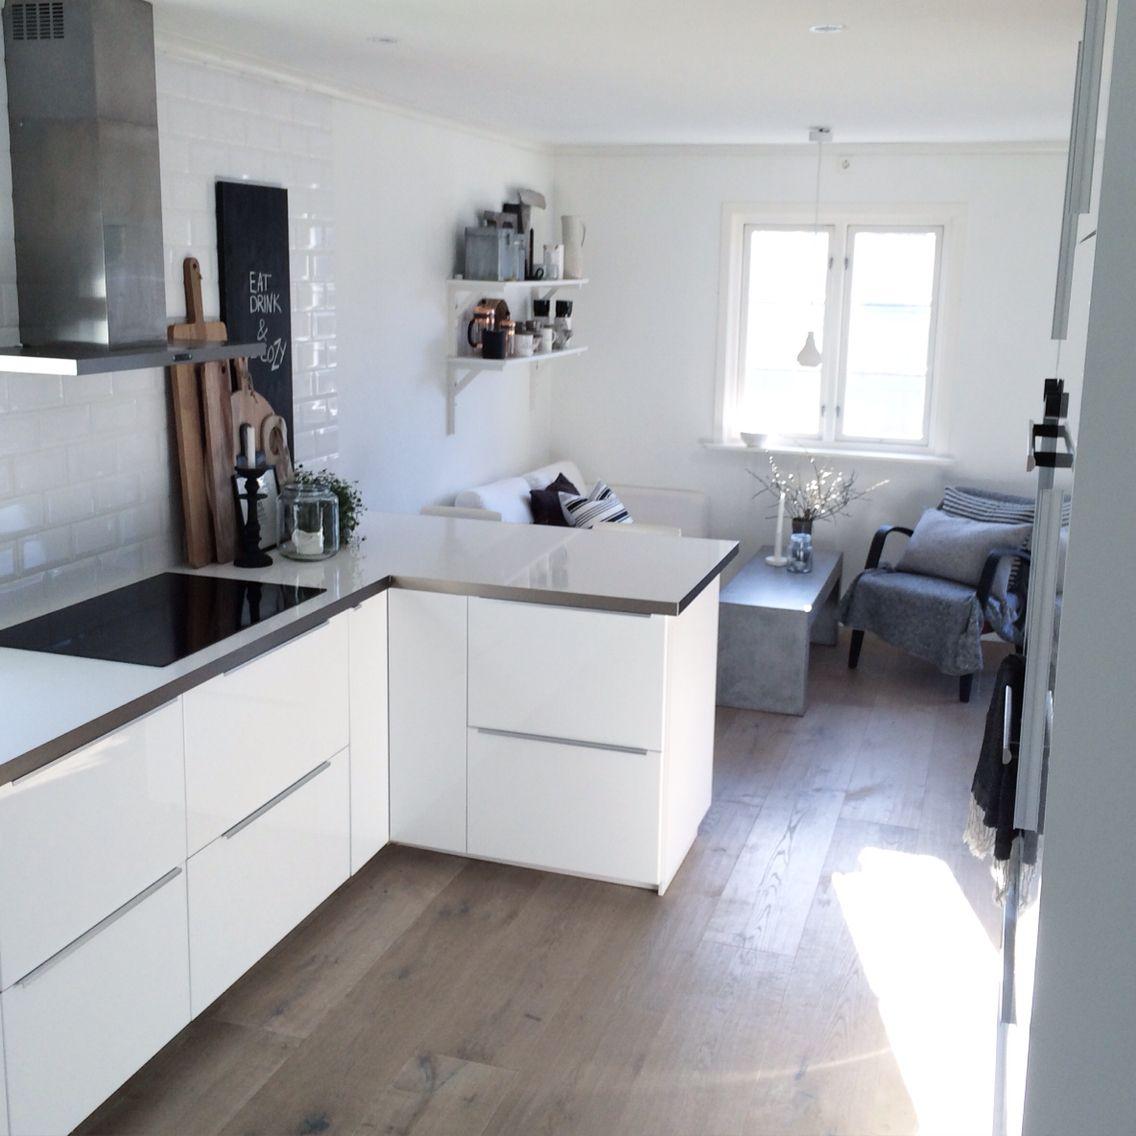 My Kitchen Mit Bildern Kuche Holzboden Kleine Offene Kuchen Weisse Kuche